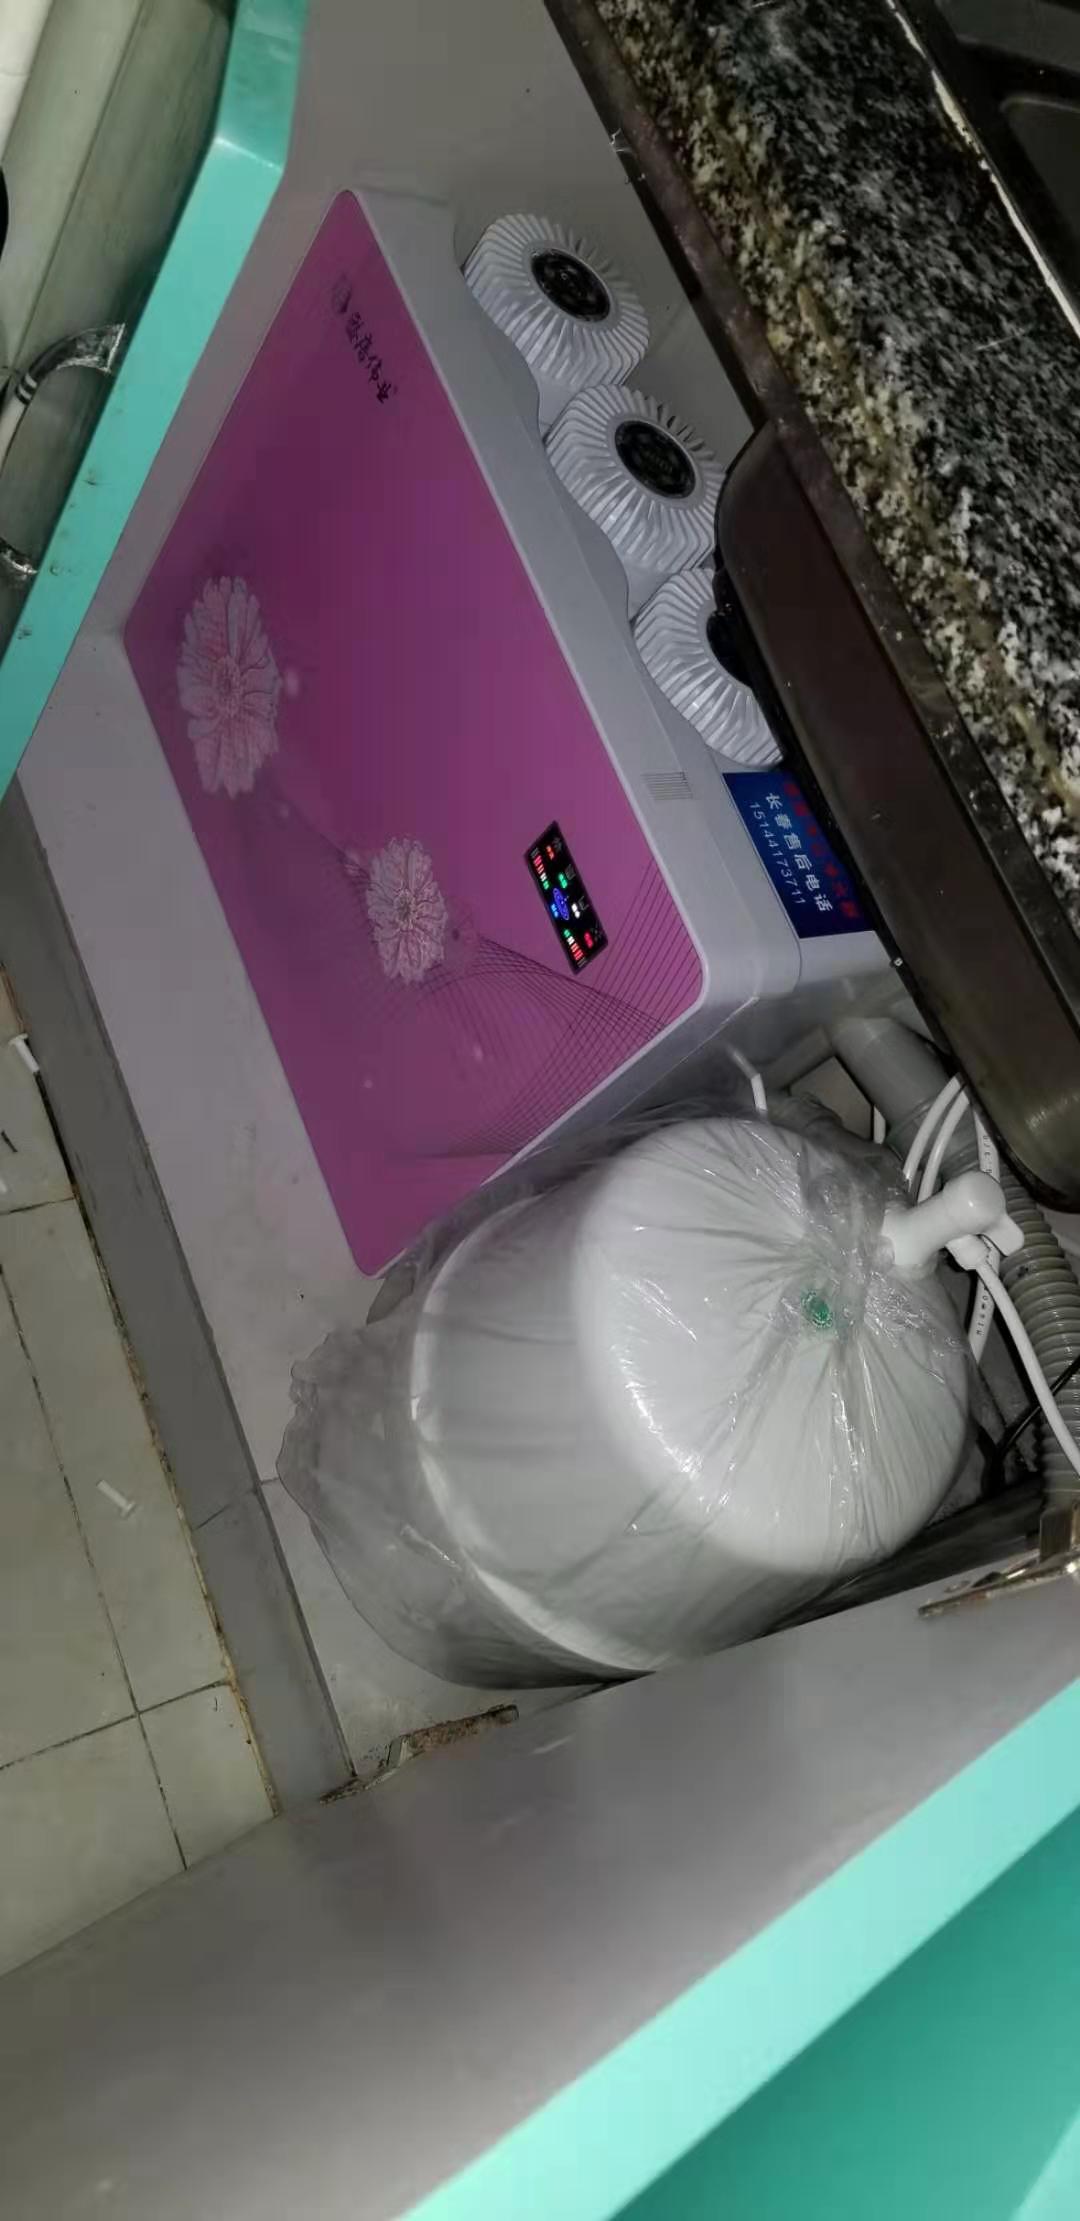 净水机二次安装(移机)的要点以及注意事项